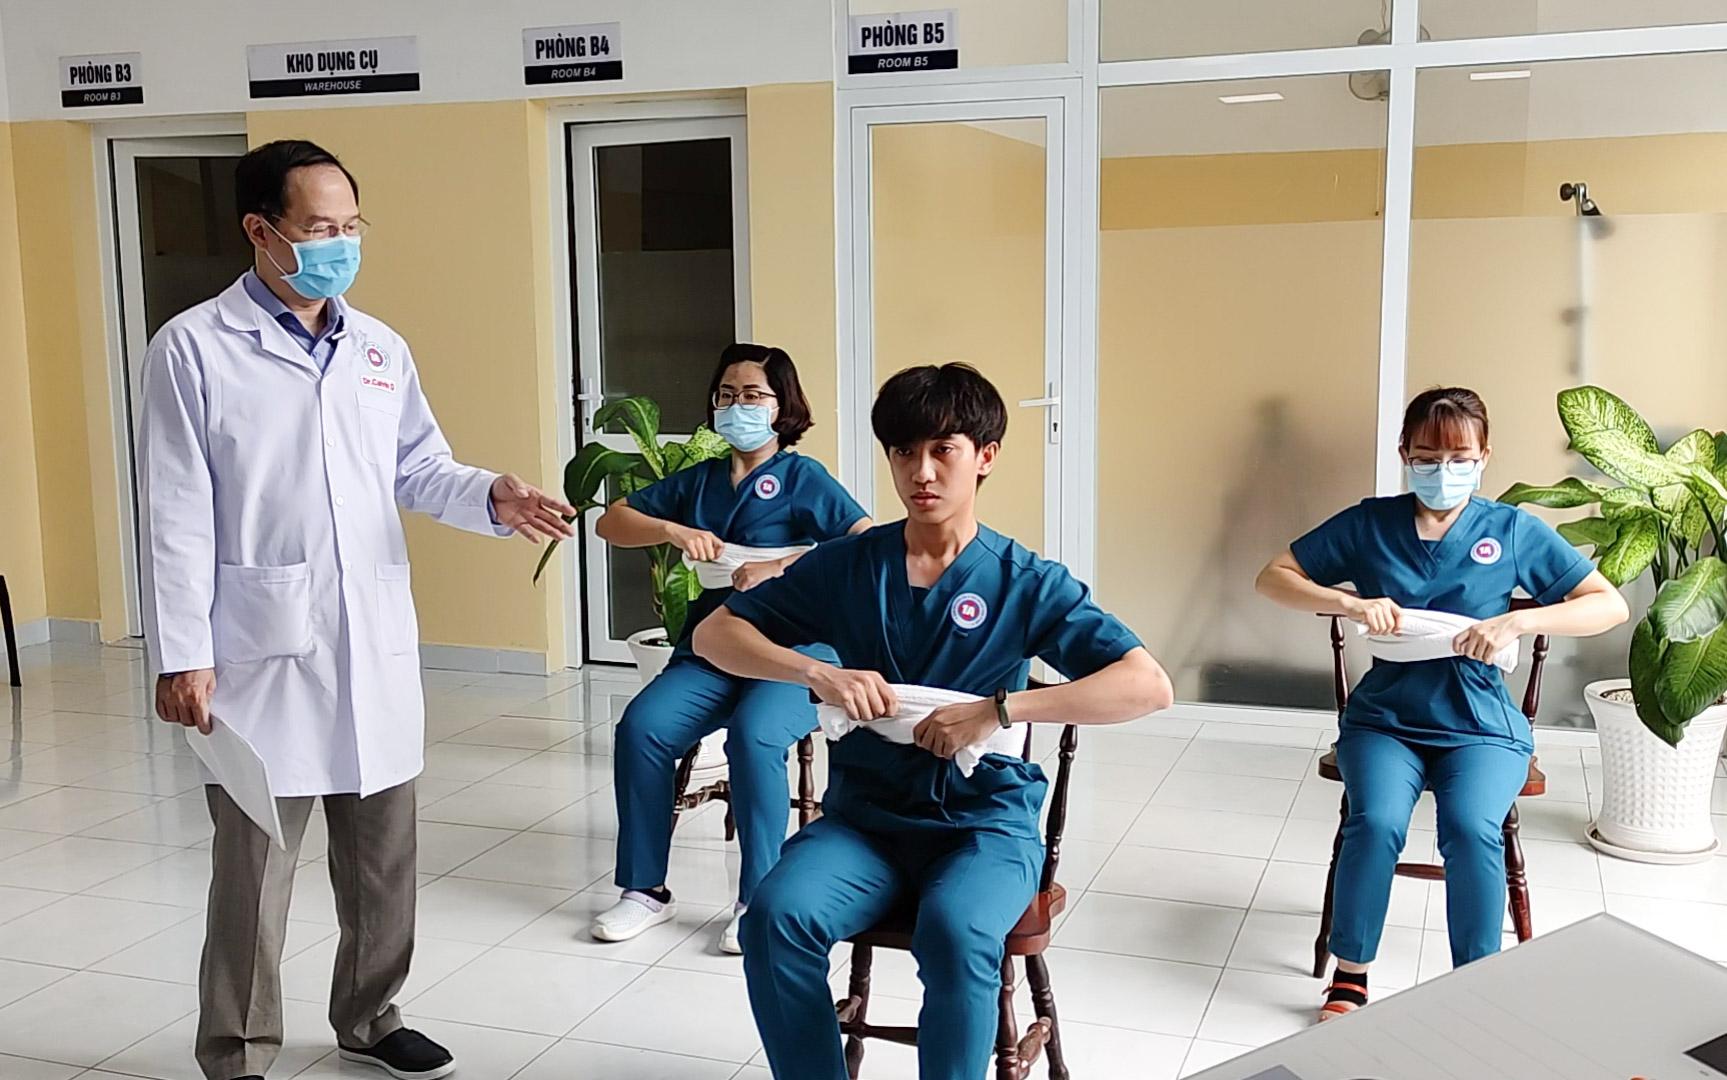 Bác sĩ hướng dẫn 7 bài tập phục hồi chức năng phổi cho người nhiễm COVID-19